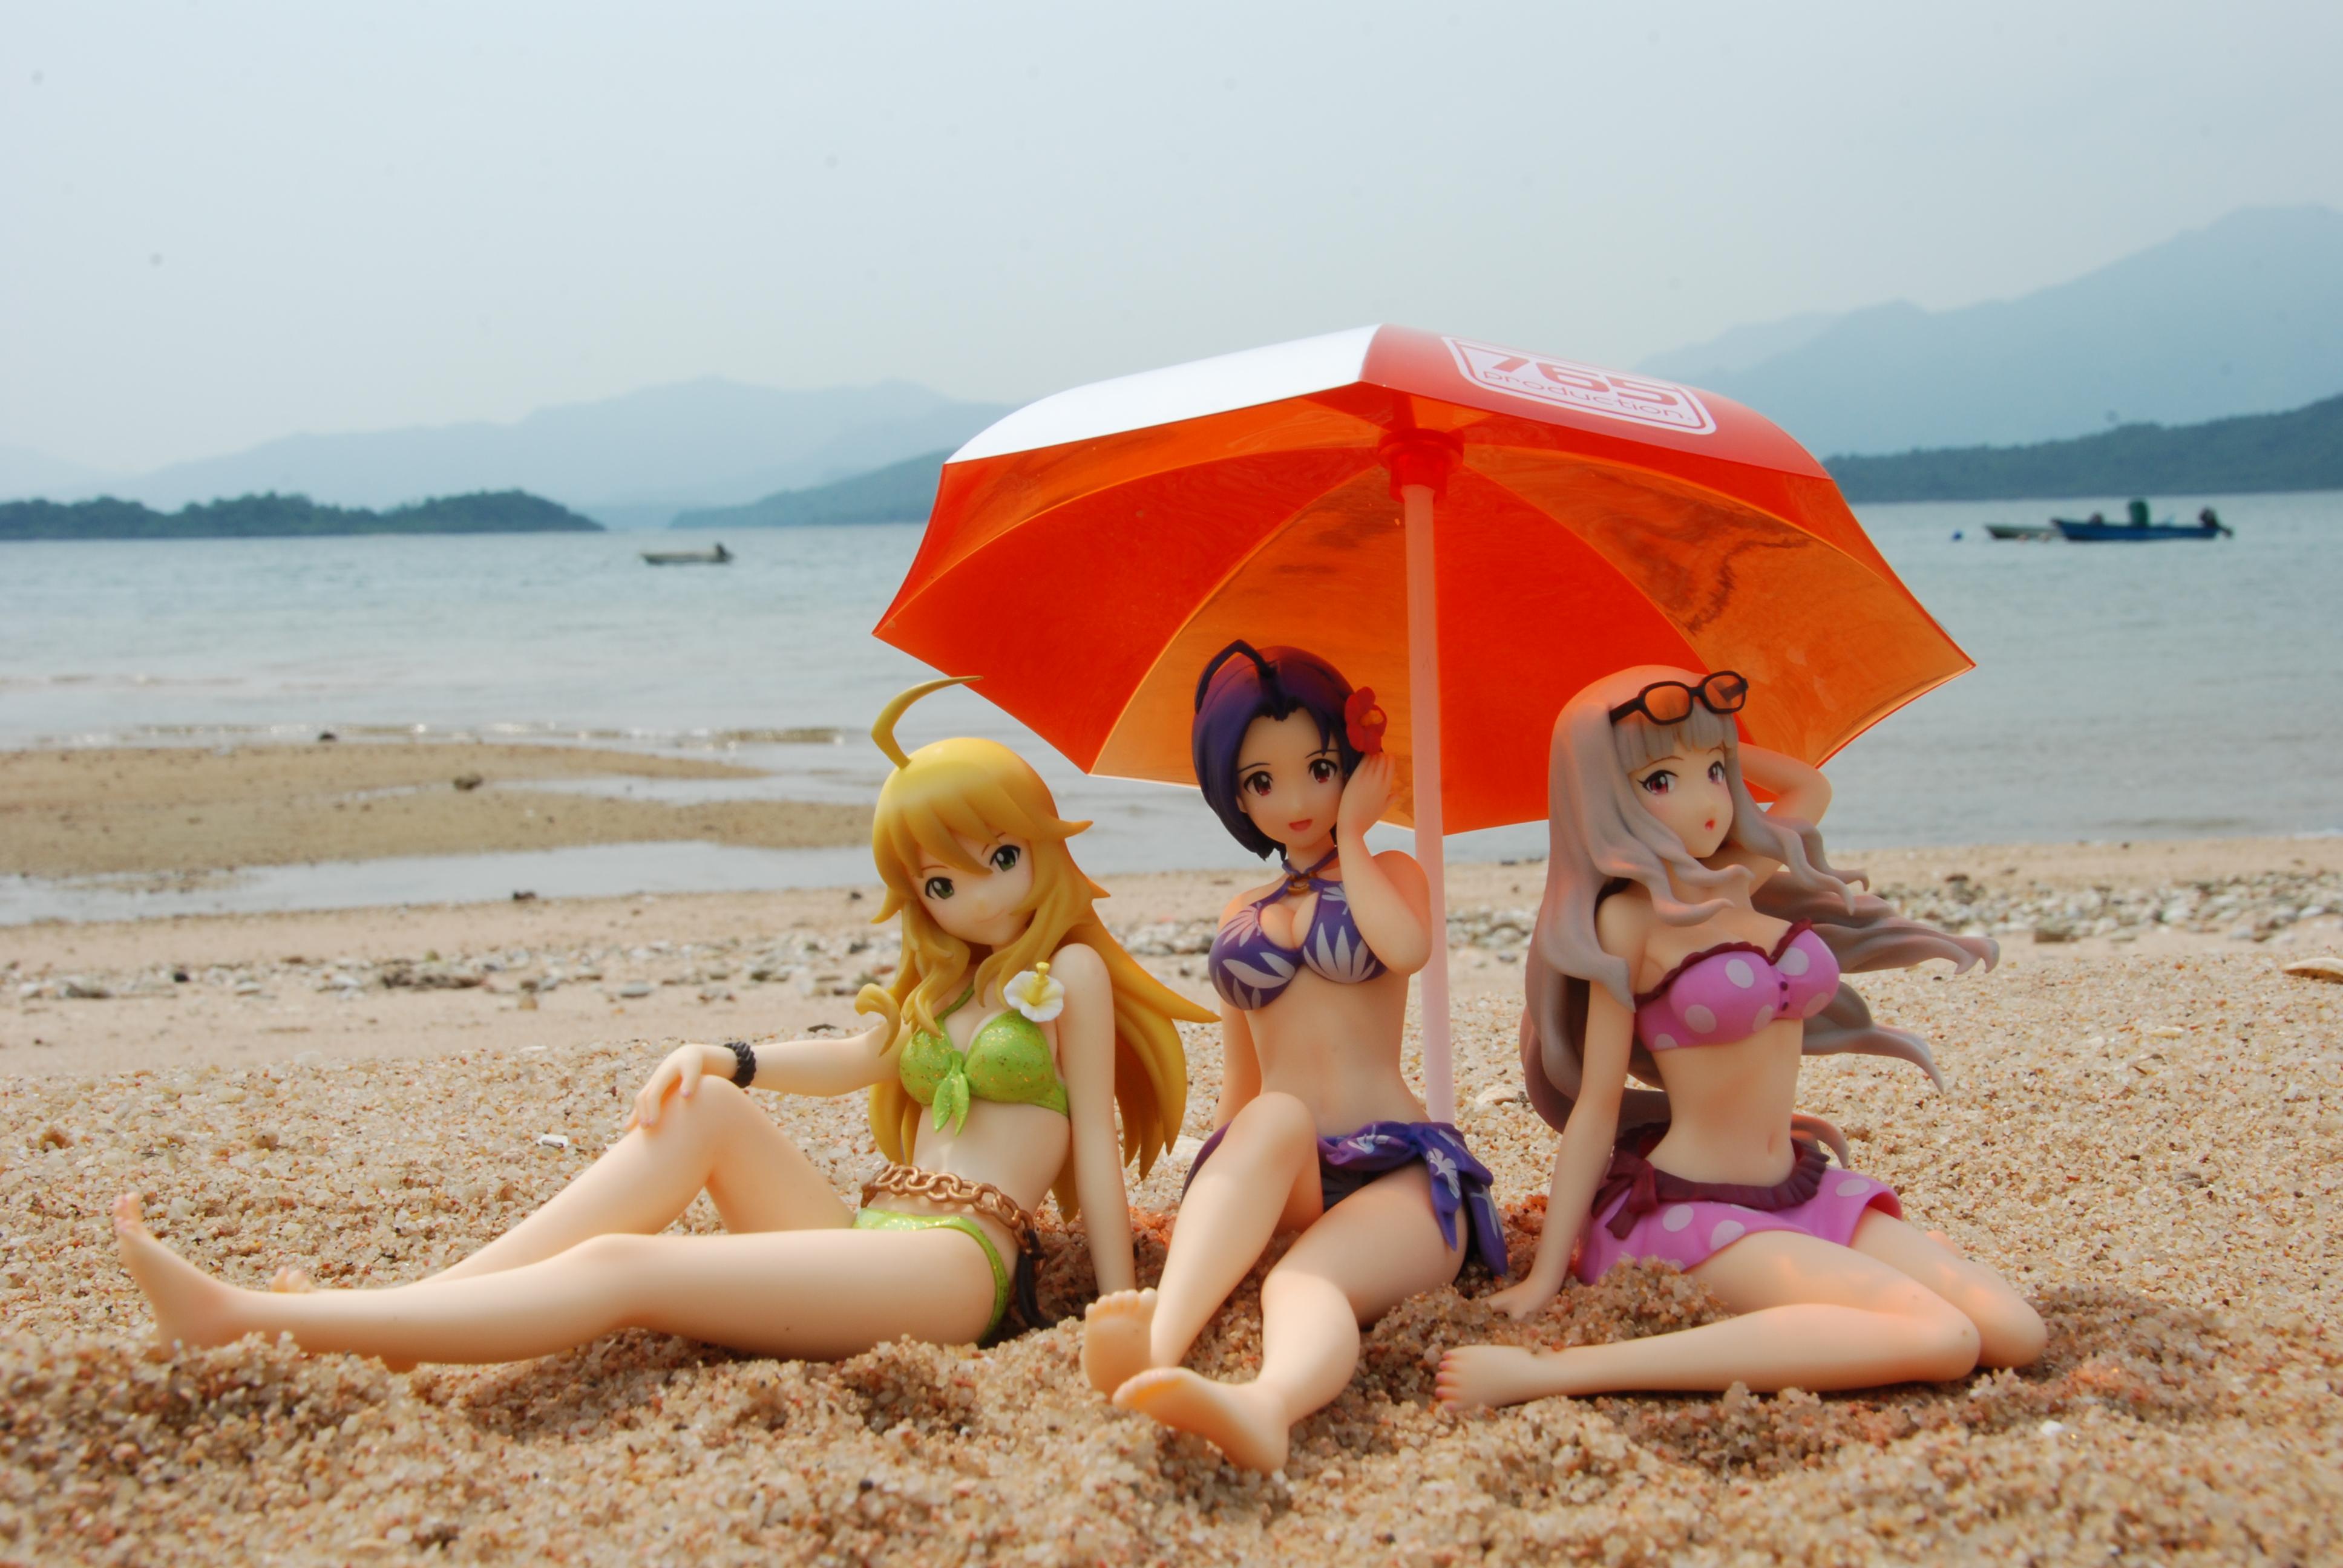 miura_azusa wave bandai_namco_games_inc. beach_queens the_idolmaster_(tv_animation) bifuru shijou_takane hoshii_miki amato